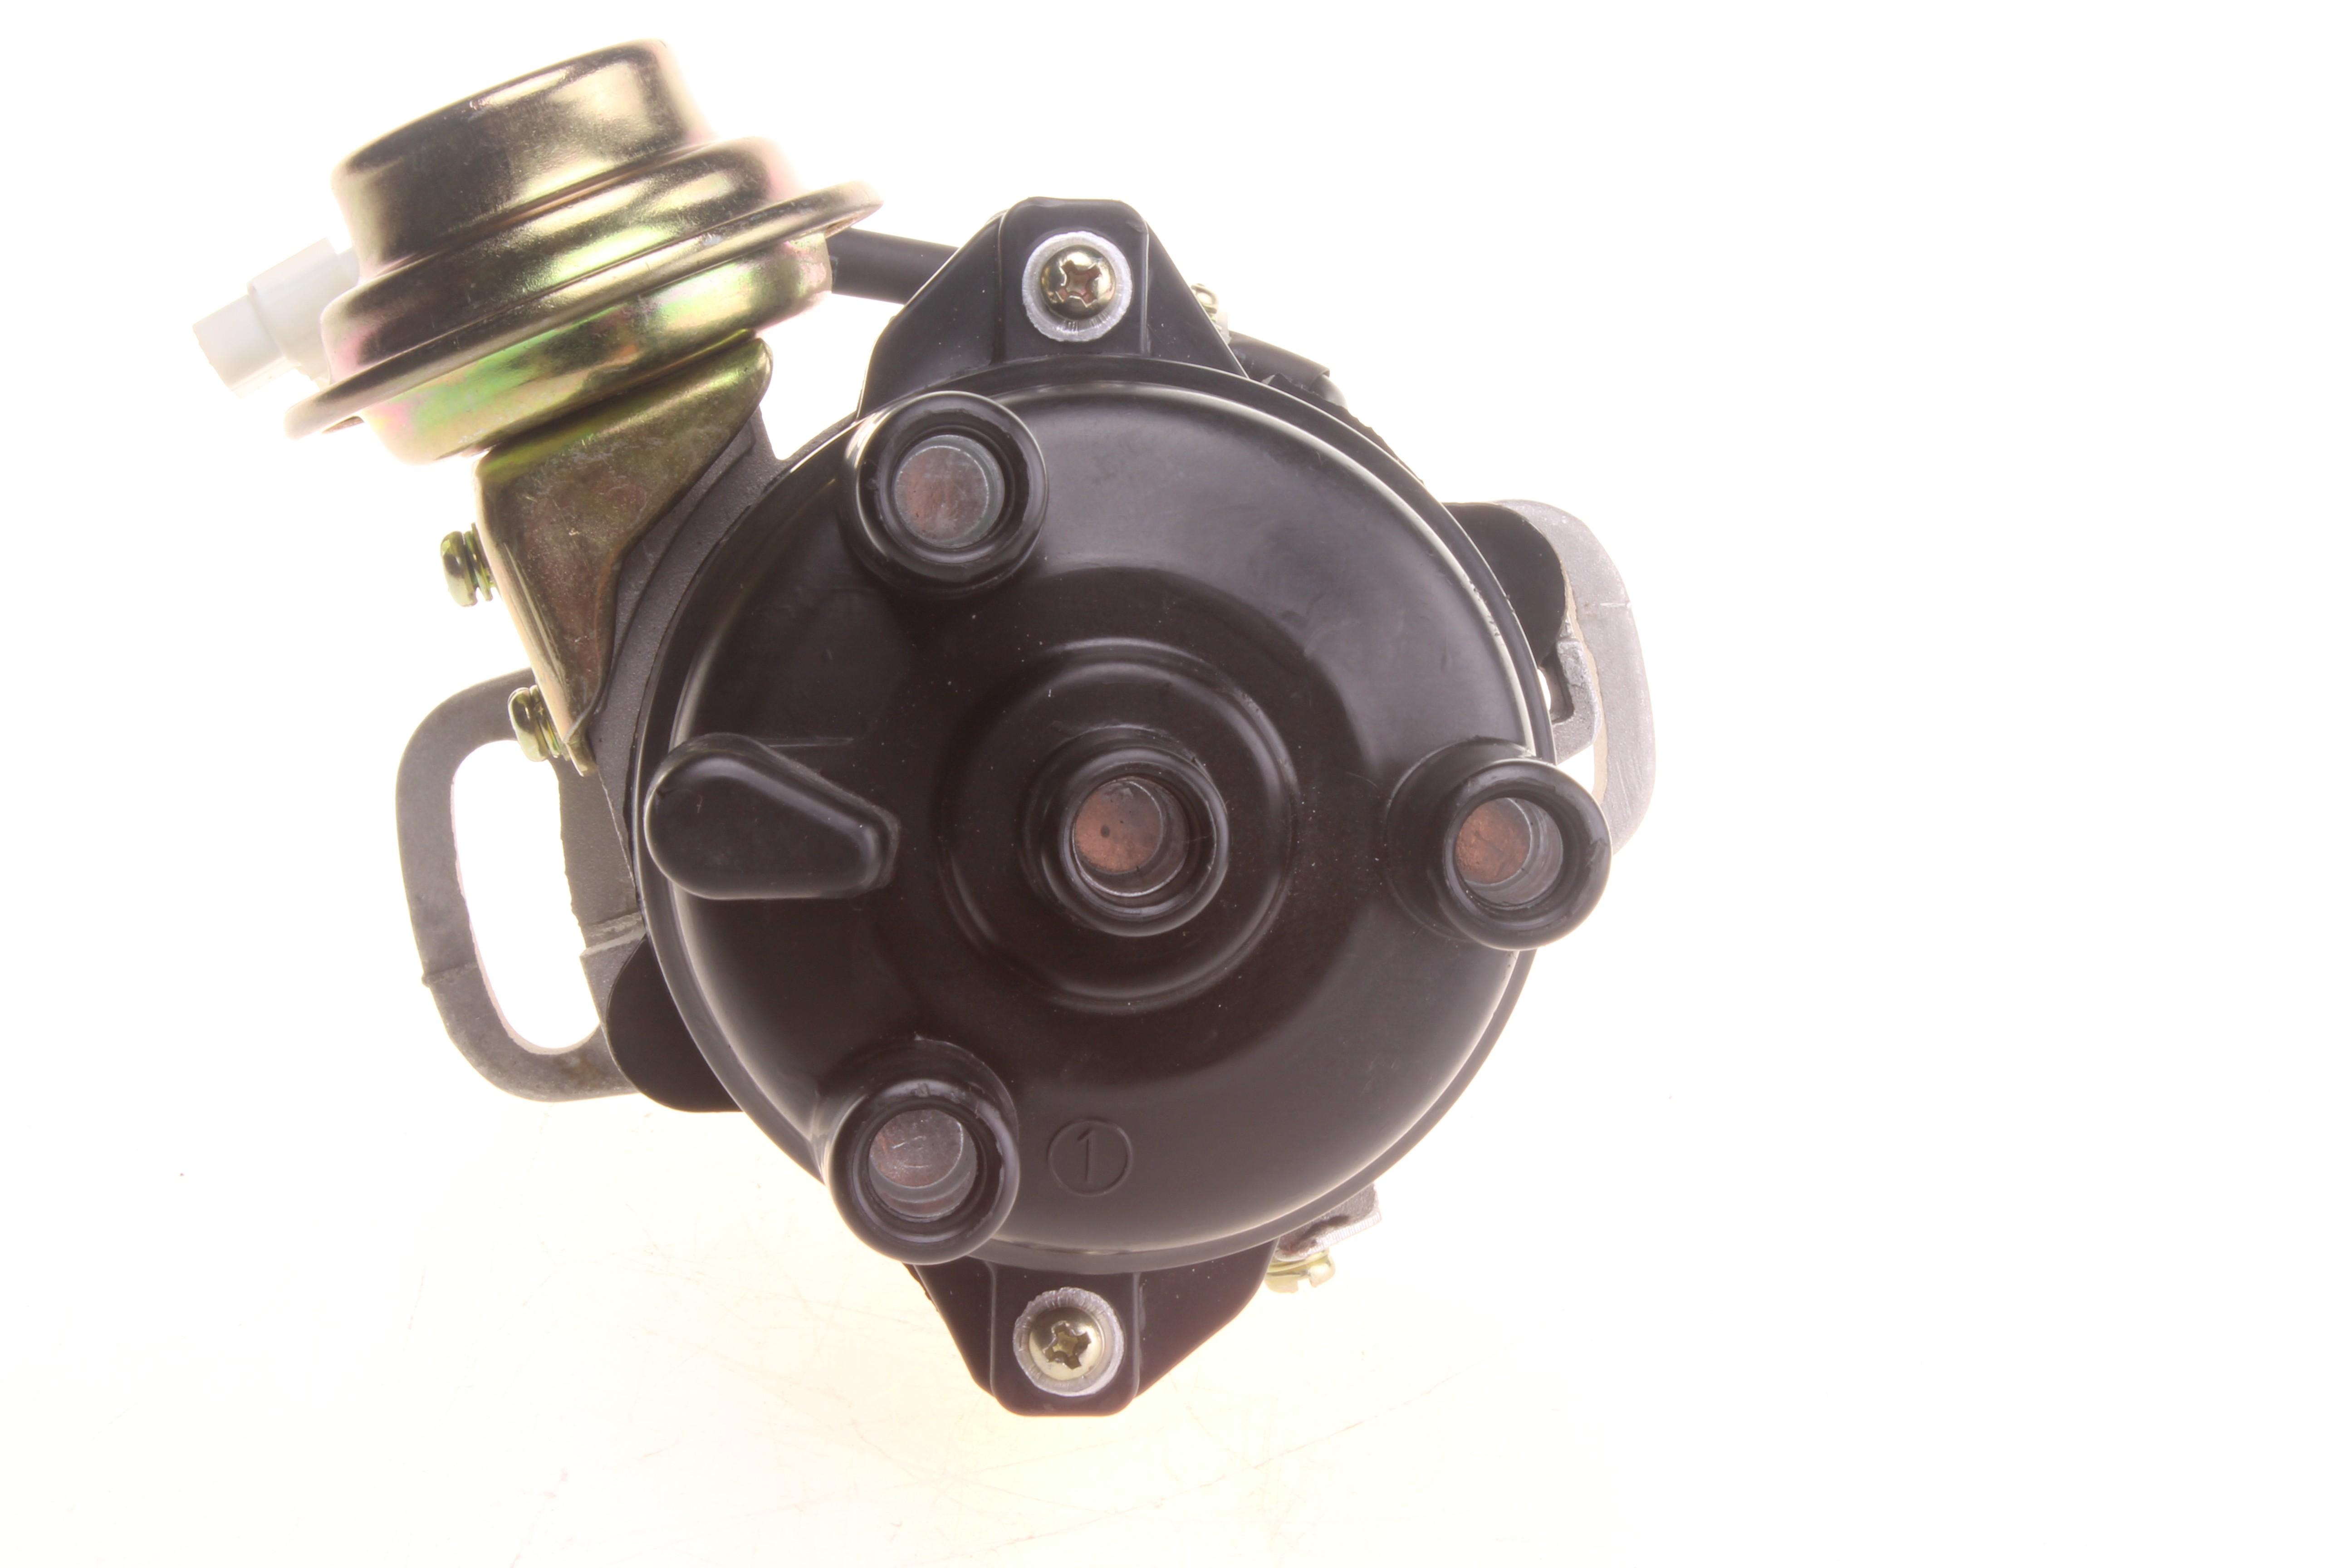 New Ignition Distributor for Mazda 626 MX-6 Ford Probe 2.5L MX-3 1.8L V6